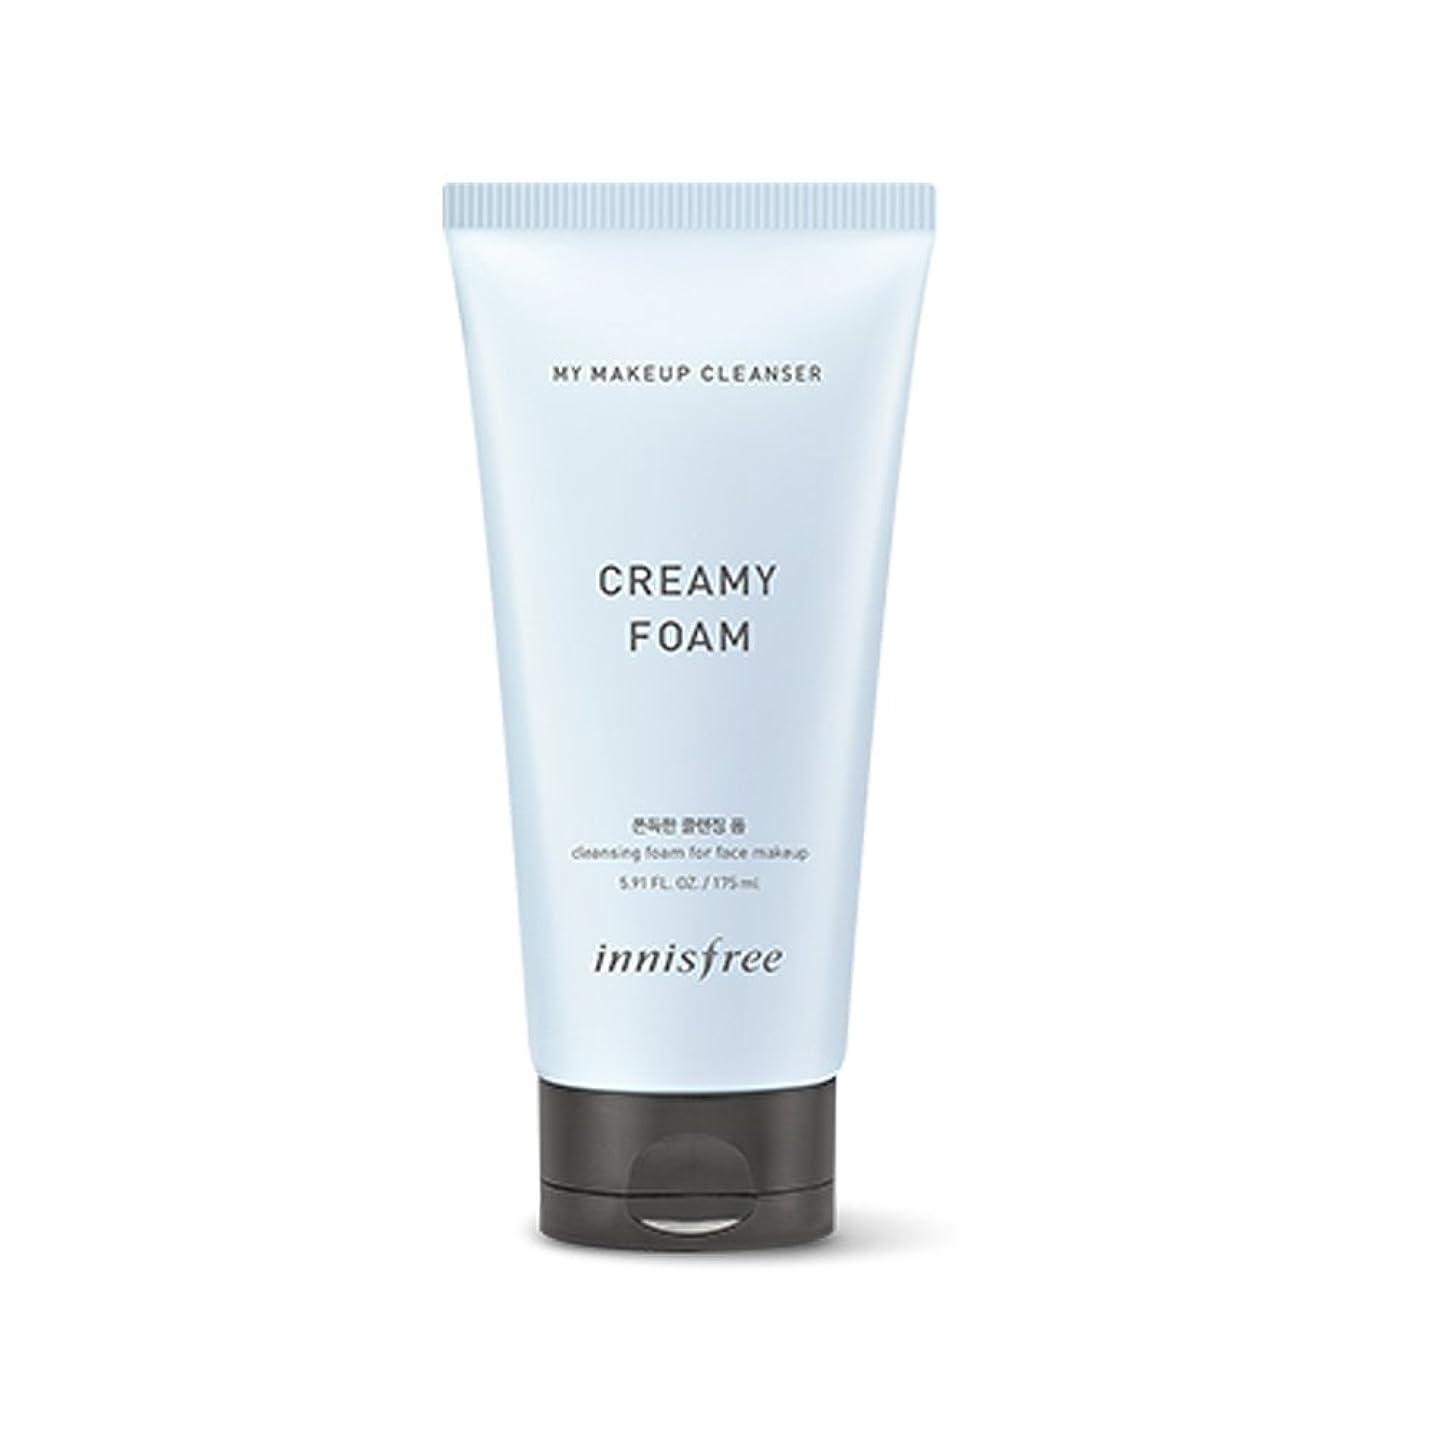 暗い器用魂イニスフリーマイメイクアップクレンザー - クリームフォーム175ml Innisfree My Makeup Cleanser - Creamy Form 175ml [海外直送品][並行輸入品]